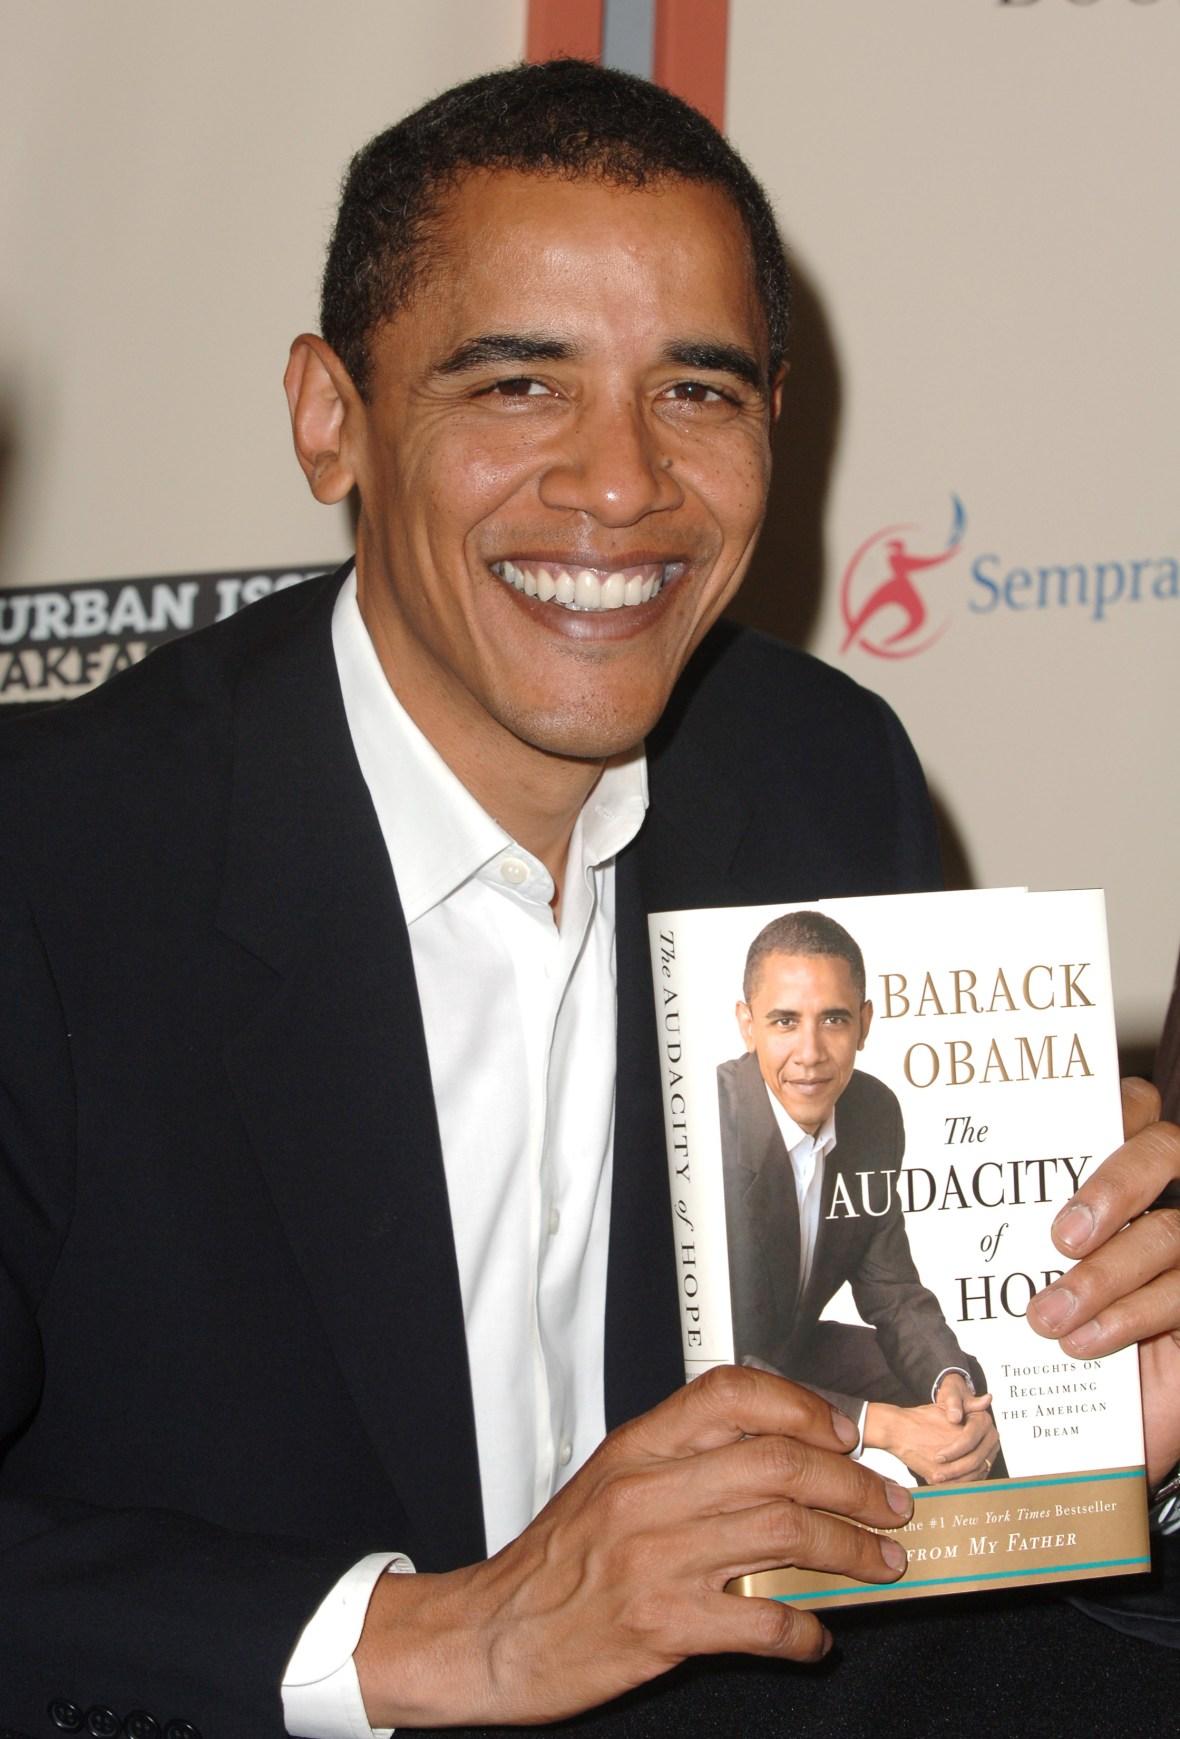 barack obama getty images